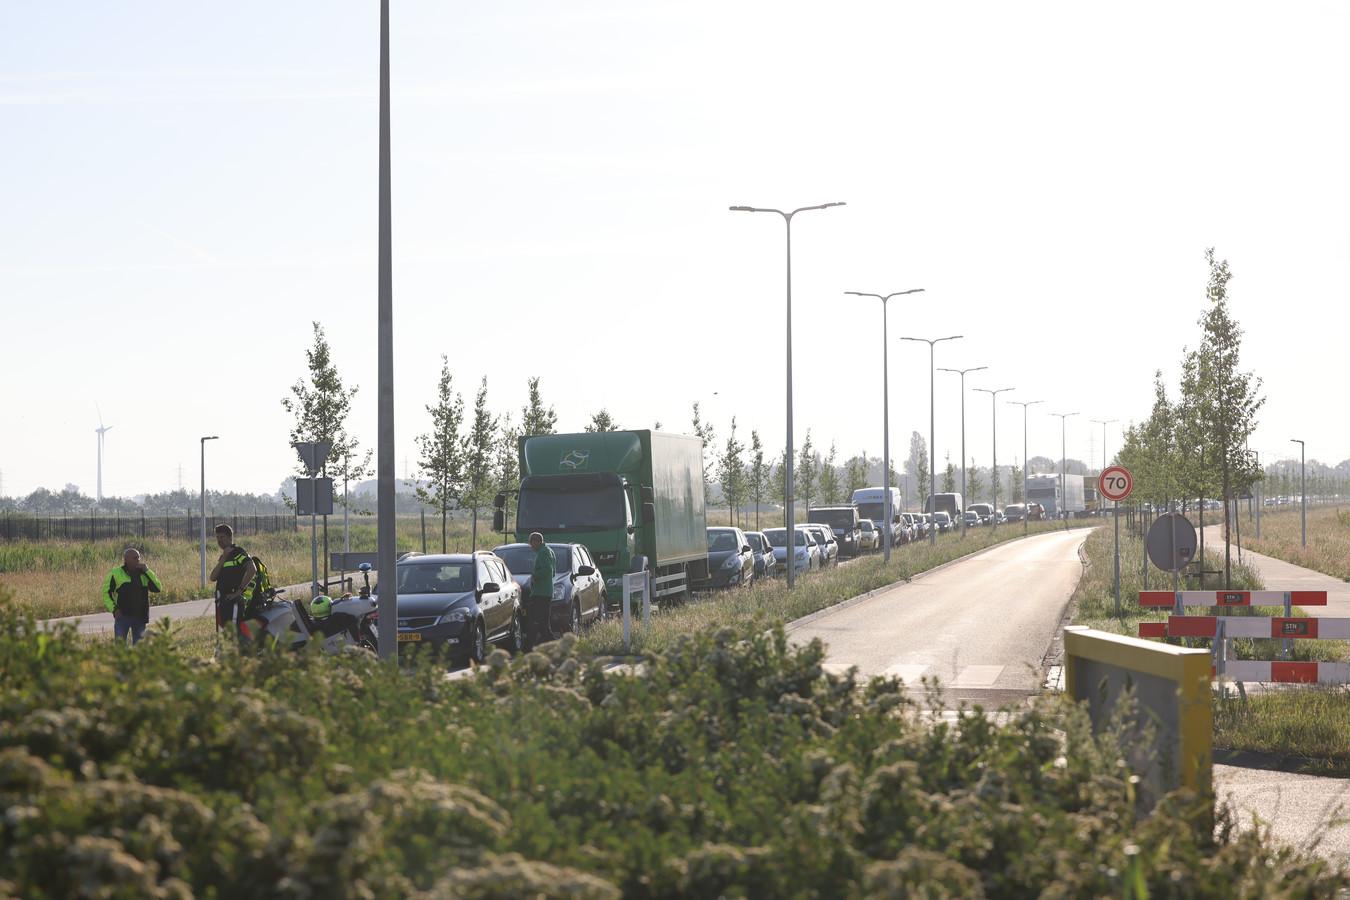 Op de toegangsweg naar het bedrijventerrein liep het verkeer vast.